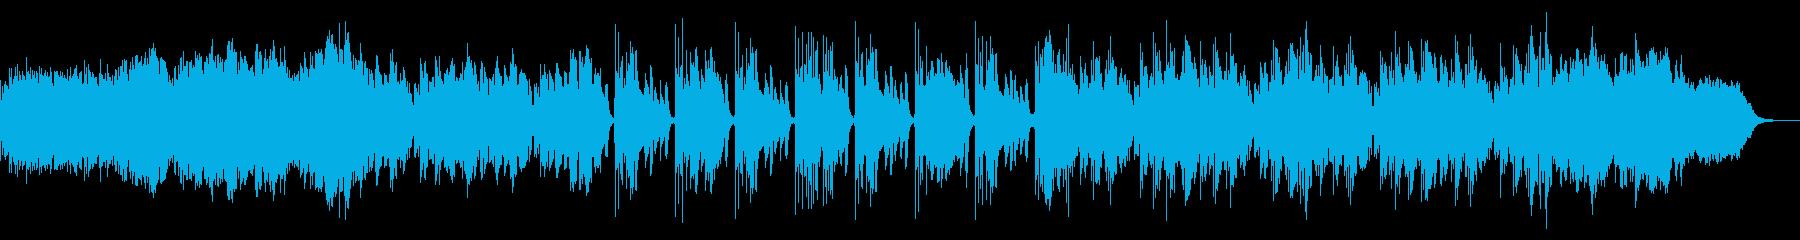 和風のポップなドラムンベースの再生済みの波形